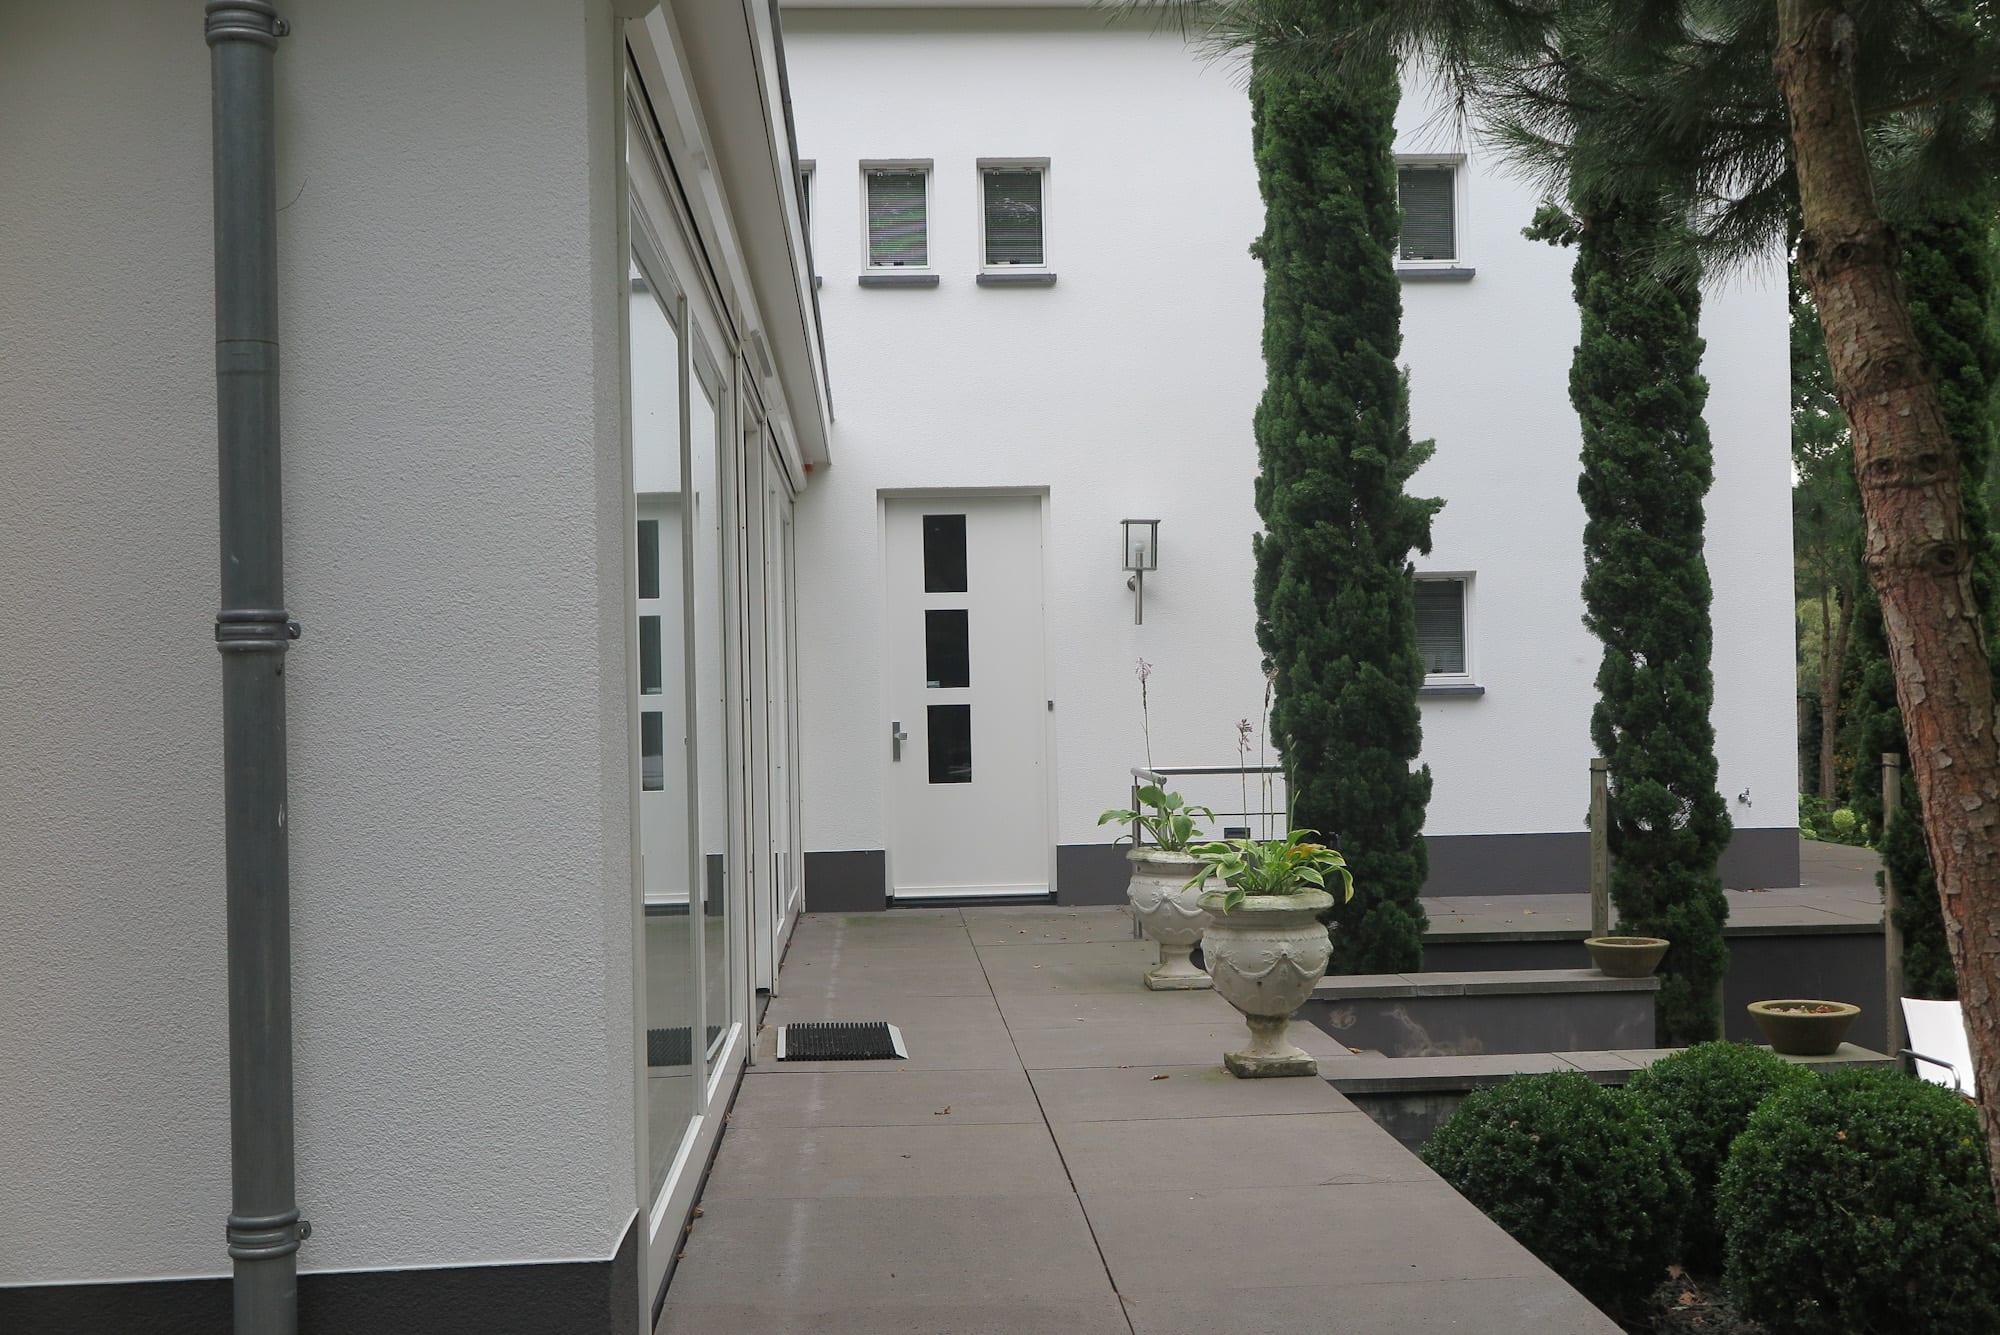 Wärmedämmputz, Anstrich Kleve, Fassade